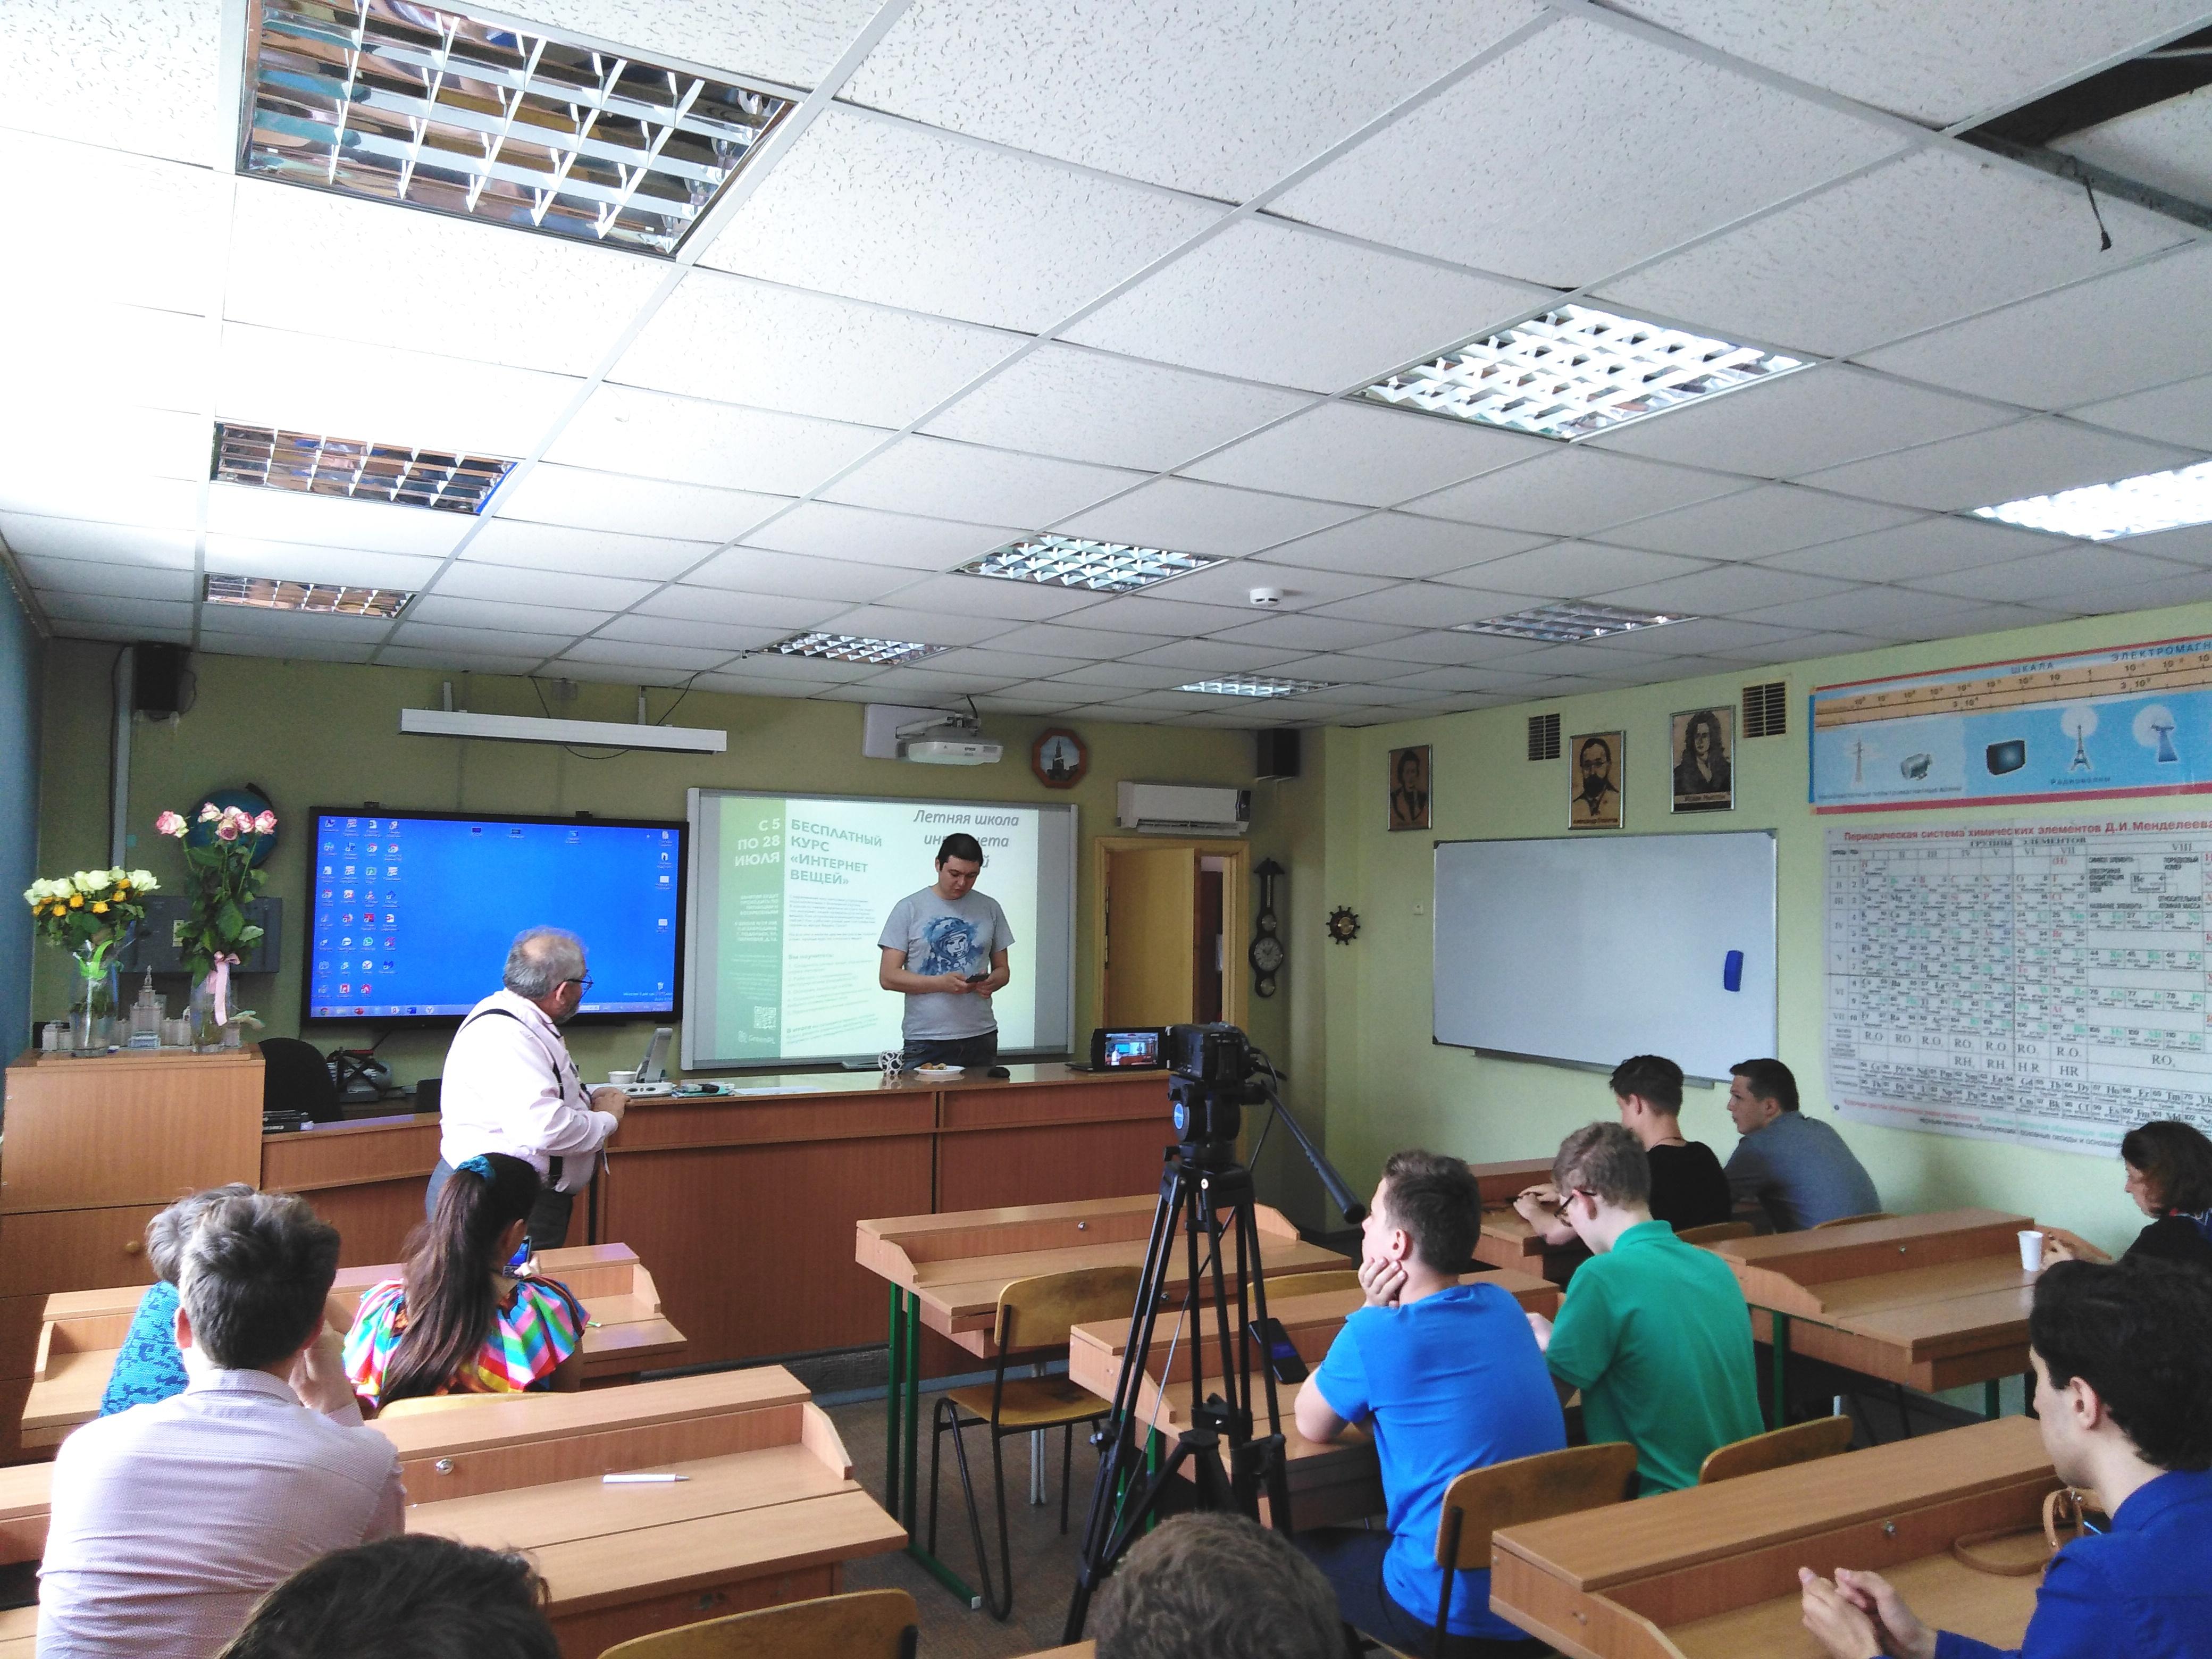 Соруководитель проекта ШКТ к.т.н. А.Ю.Шаенко открывает 4 сессию проекта